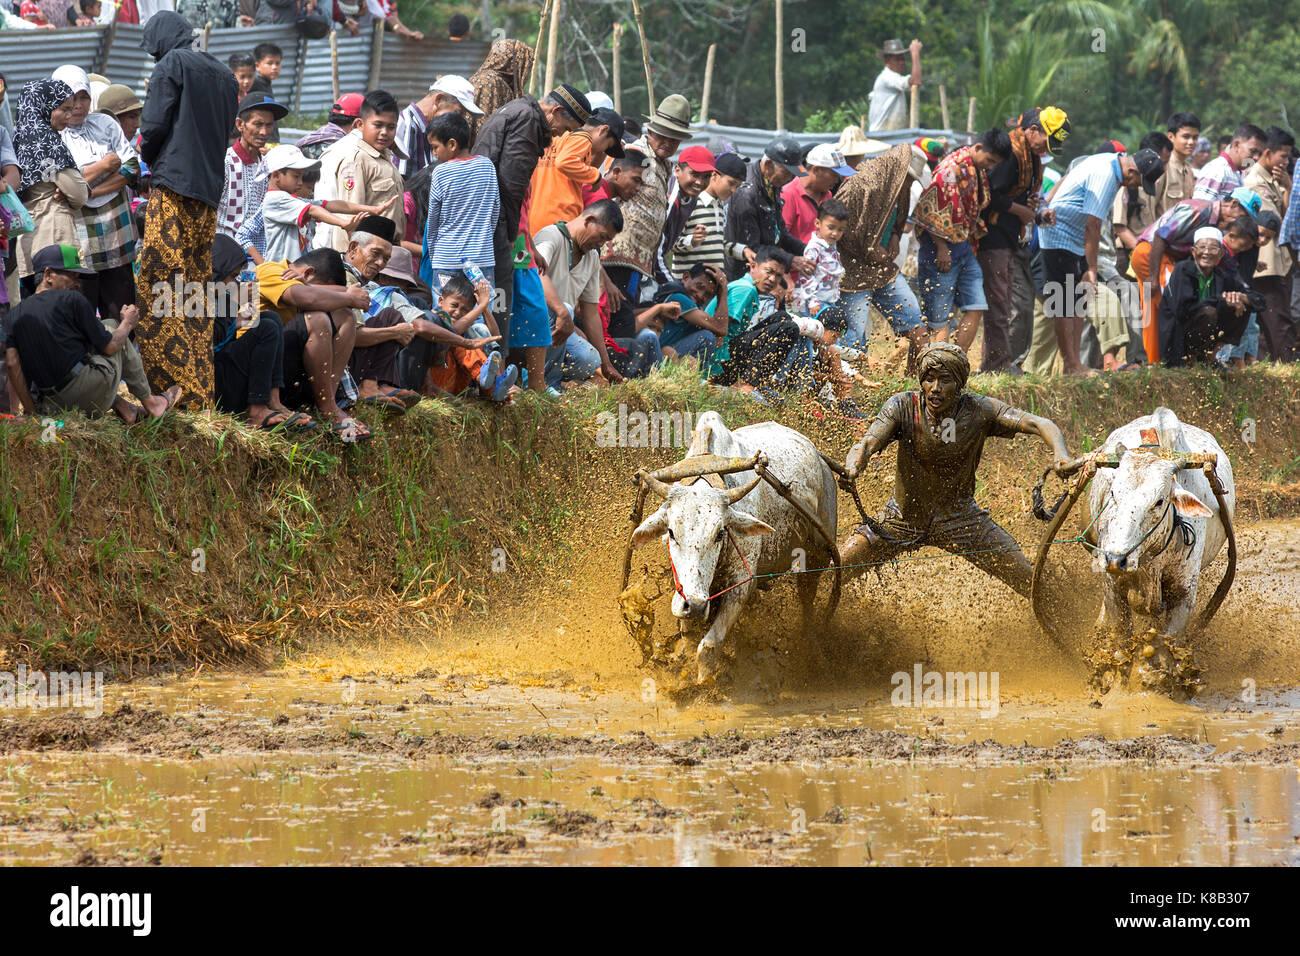 pacu-jawi-cow-racing-jockey-muddies-the-crowd-in-west-sumarta-indonesia-K8B307.jpg